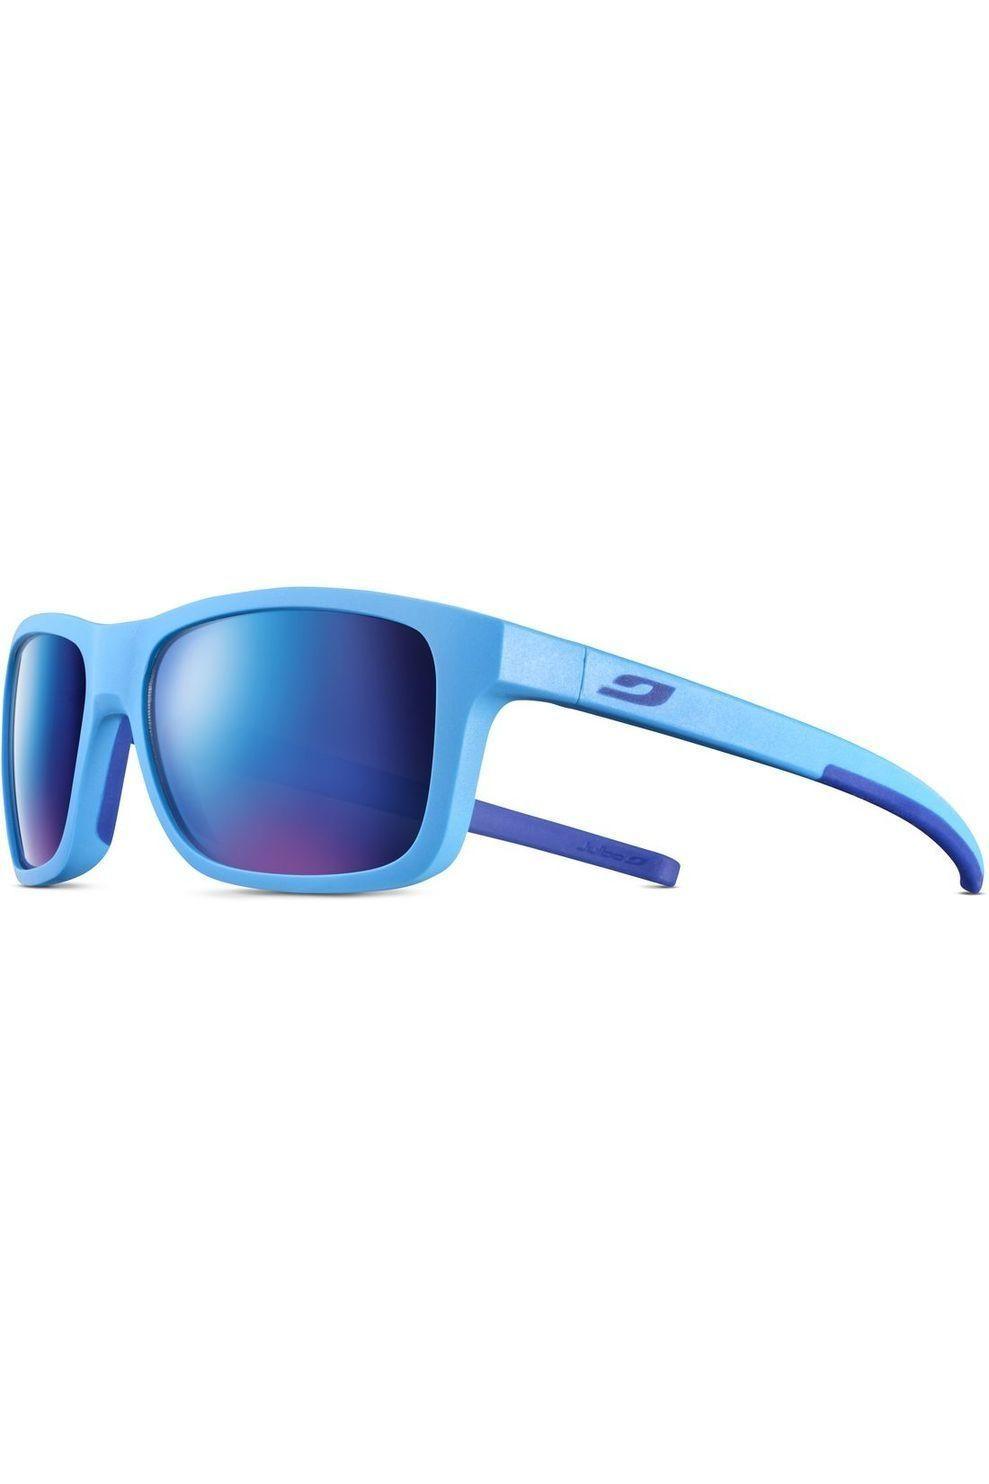 Julbo Bril Line voor kids - Blauw